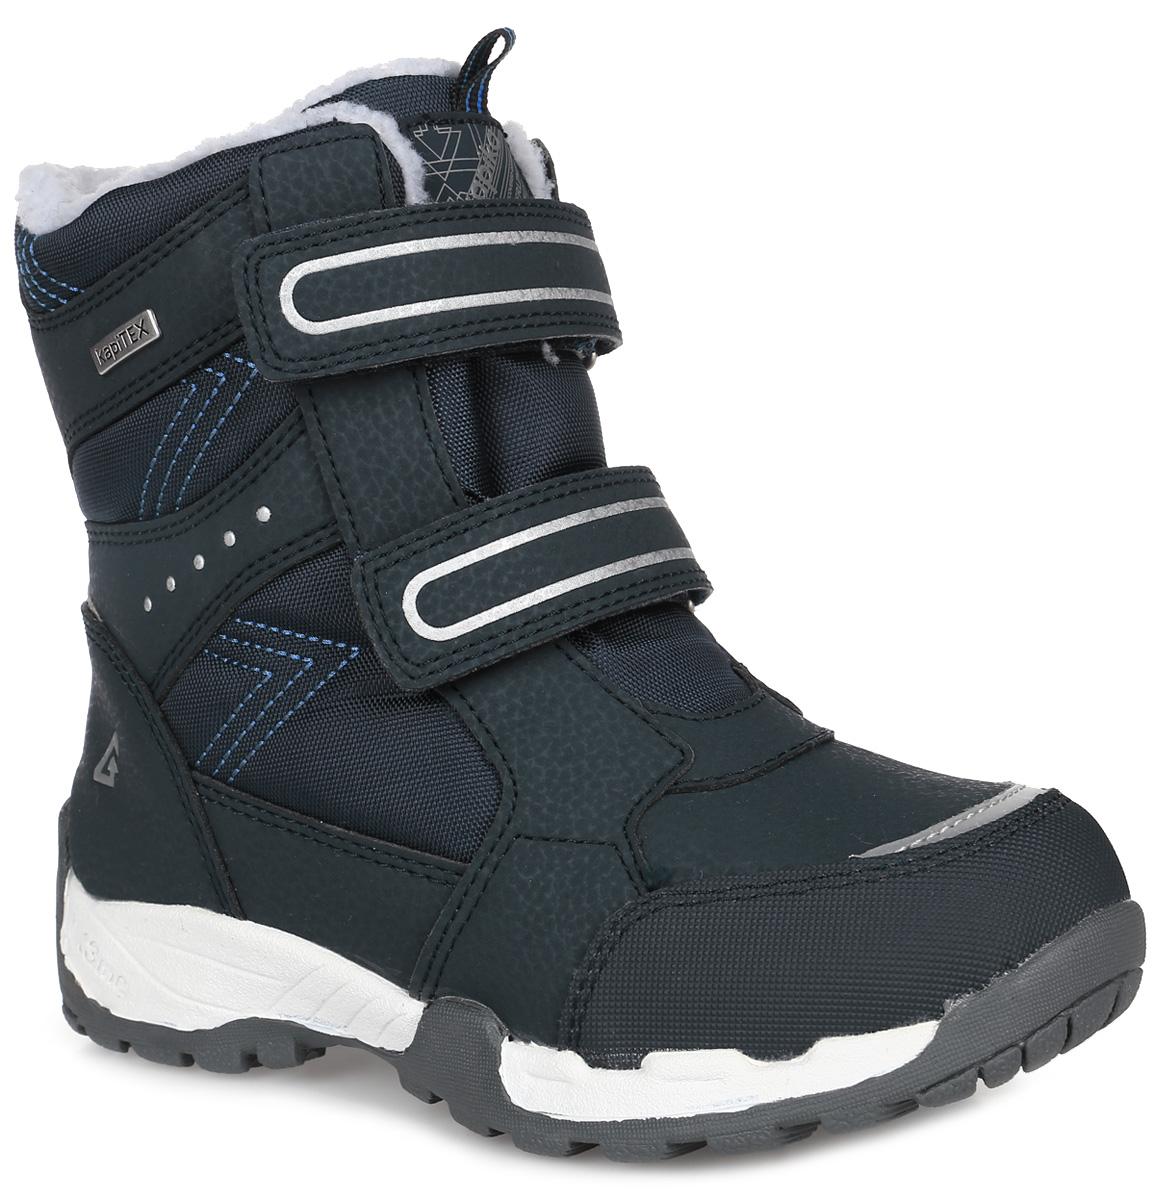 43191-1Детские ботинки от Kapika выполнены из искусственной кожи и водонепроницаемого текстиля (мембраны). Модель на застежках-липучках. Подкладка изготовлена из текстиля и шерсти. Подошва из прочной резины оснащена рифлением.